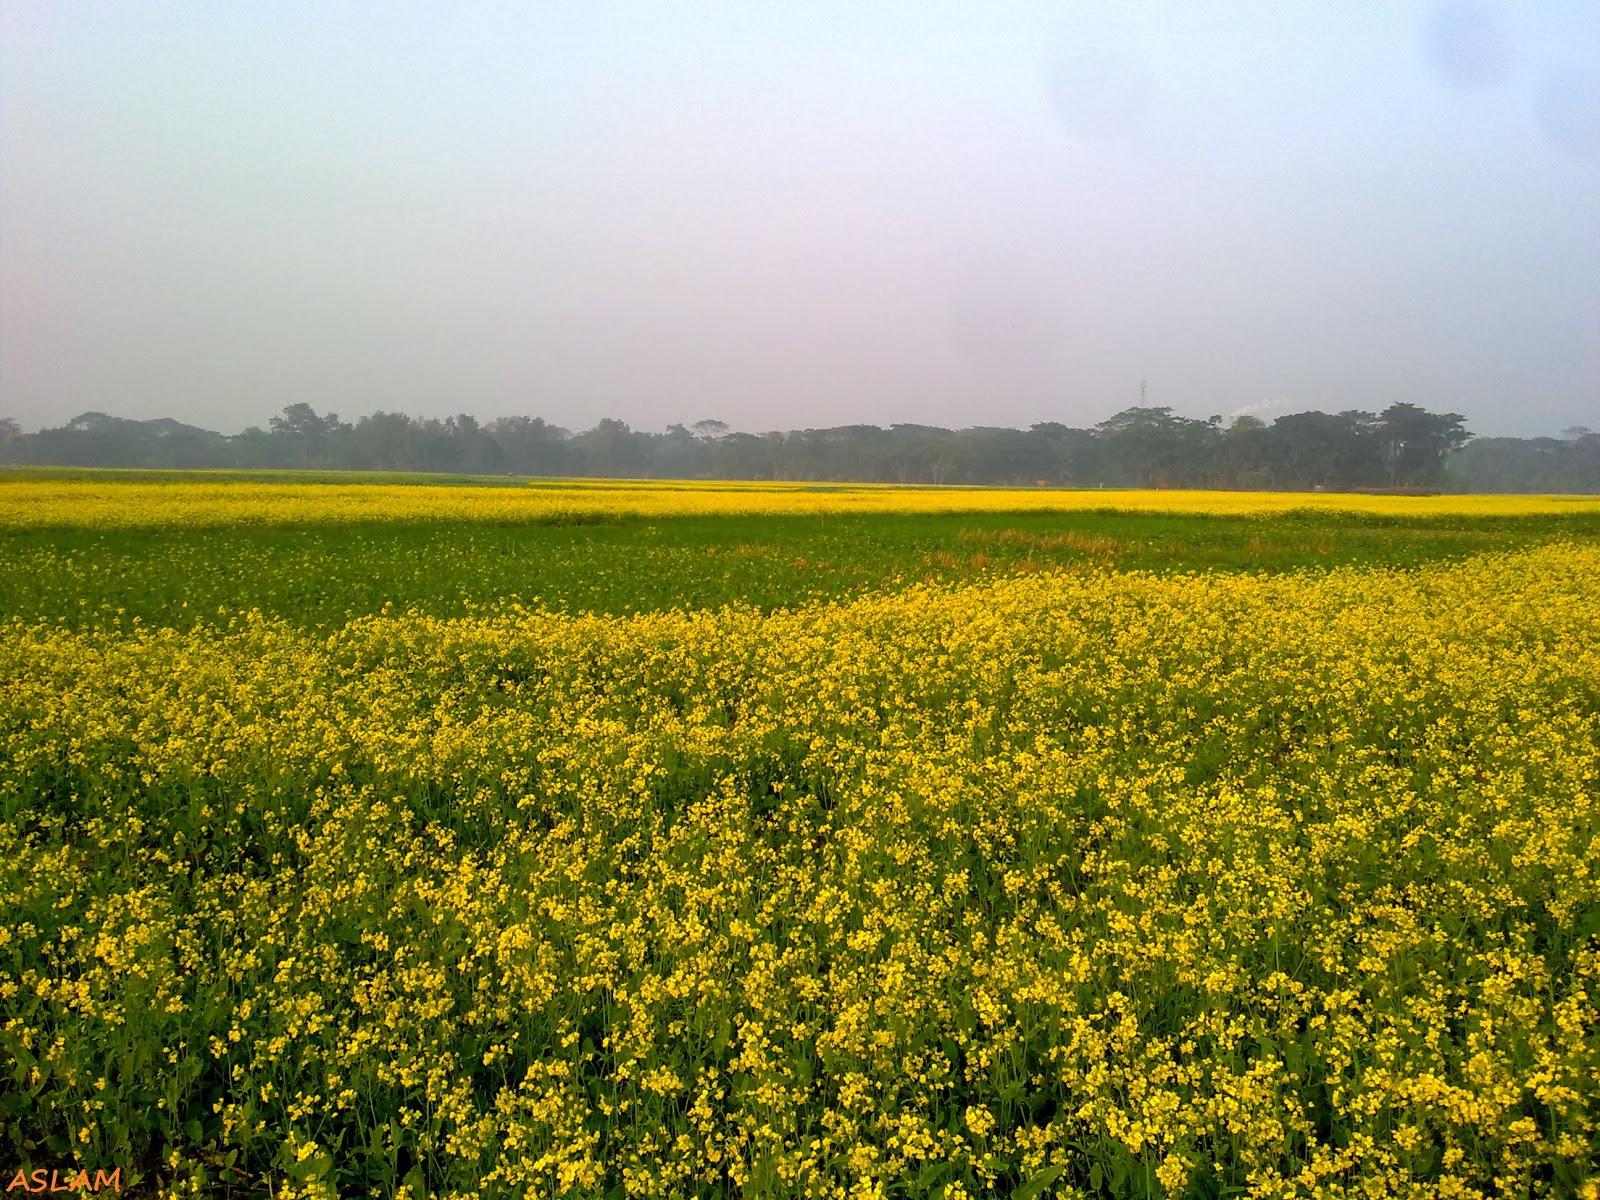 Amazing yellow flower